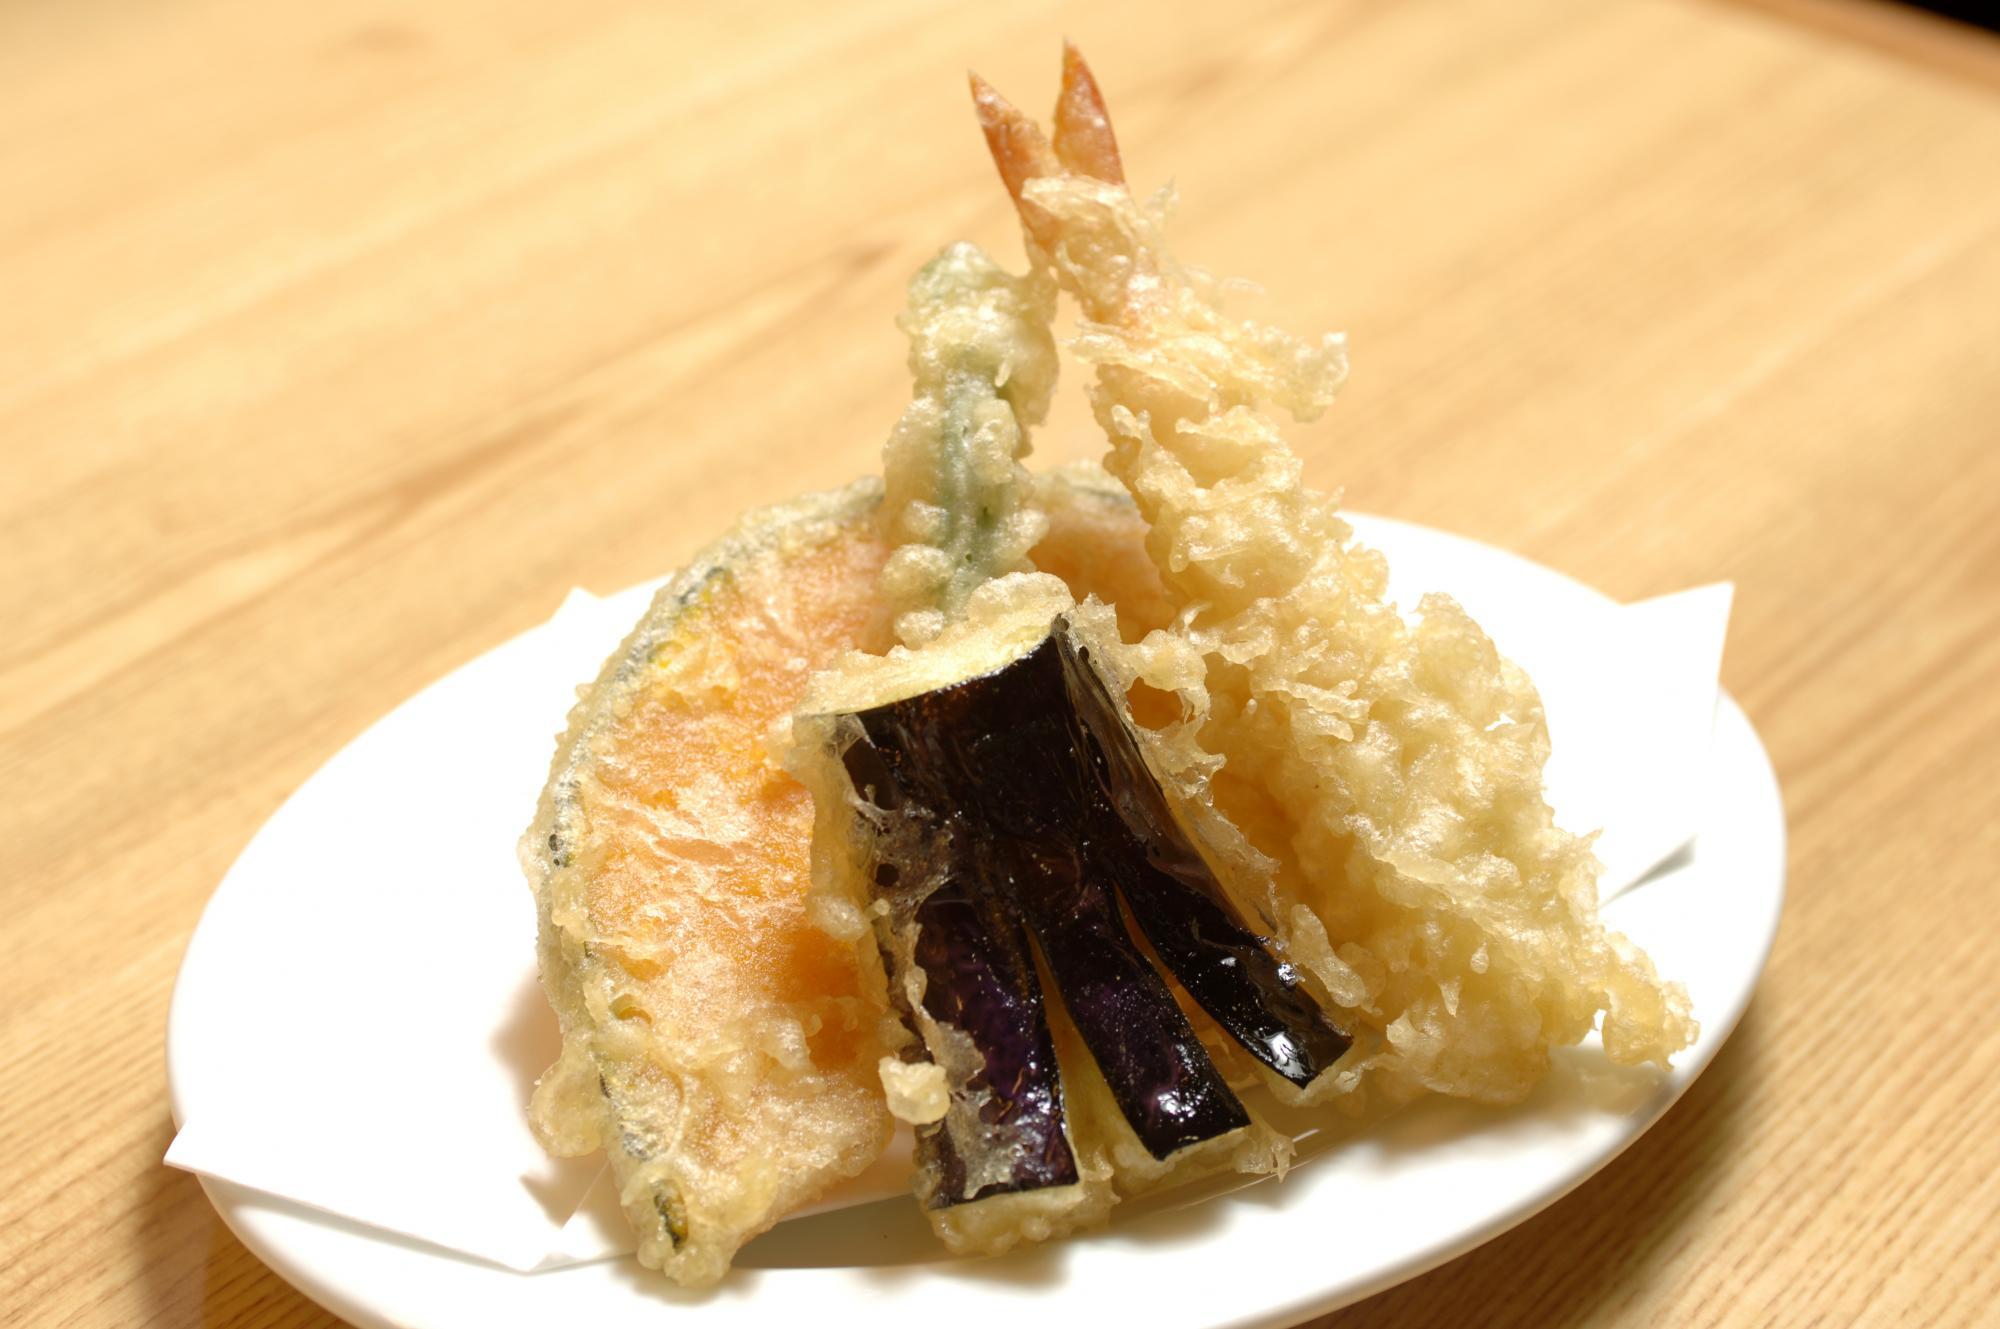 三川食堂でご飯中です♪ここの食堂の食事は美味しくてたまりません♪